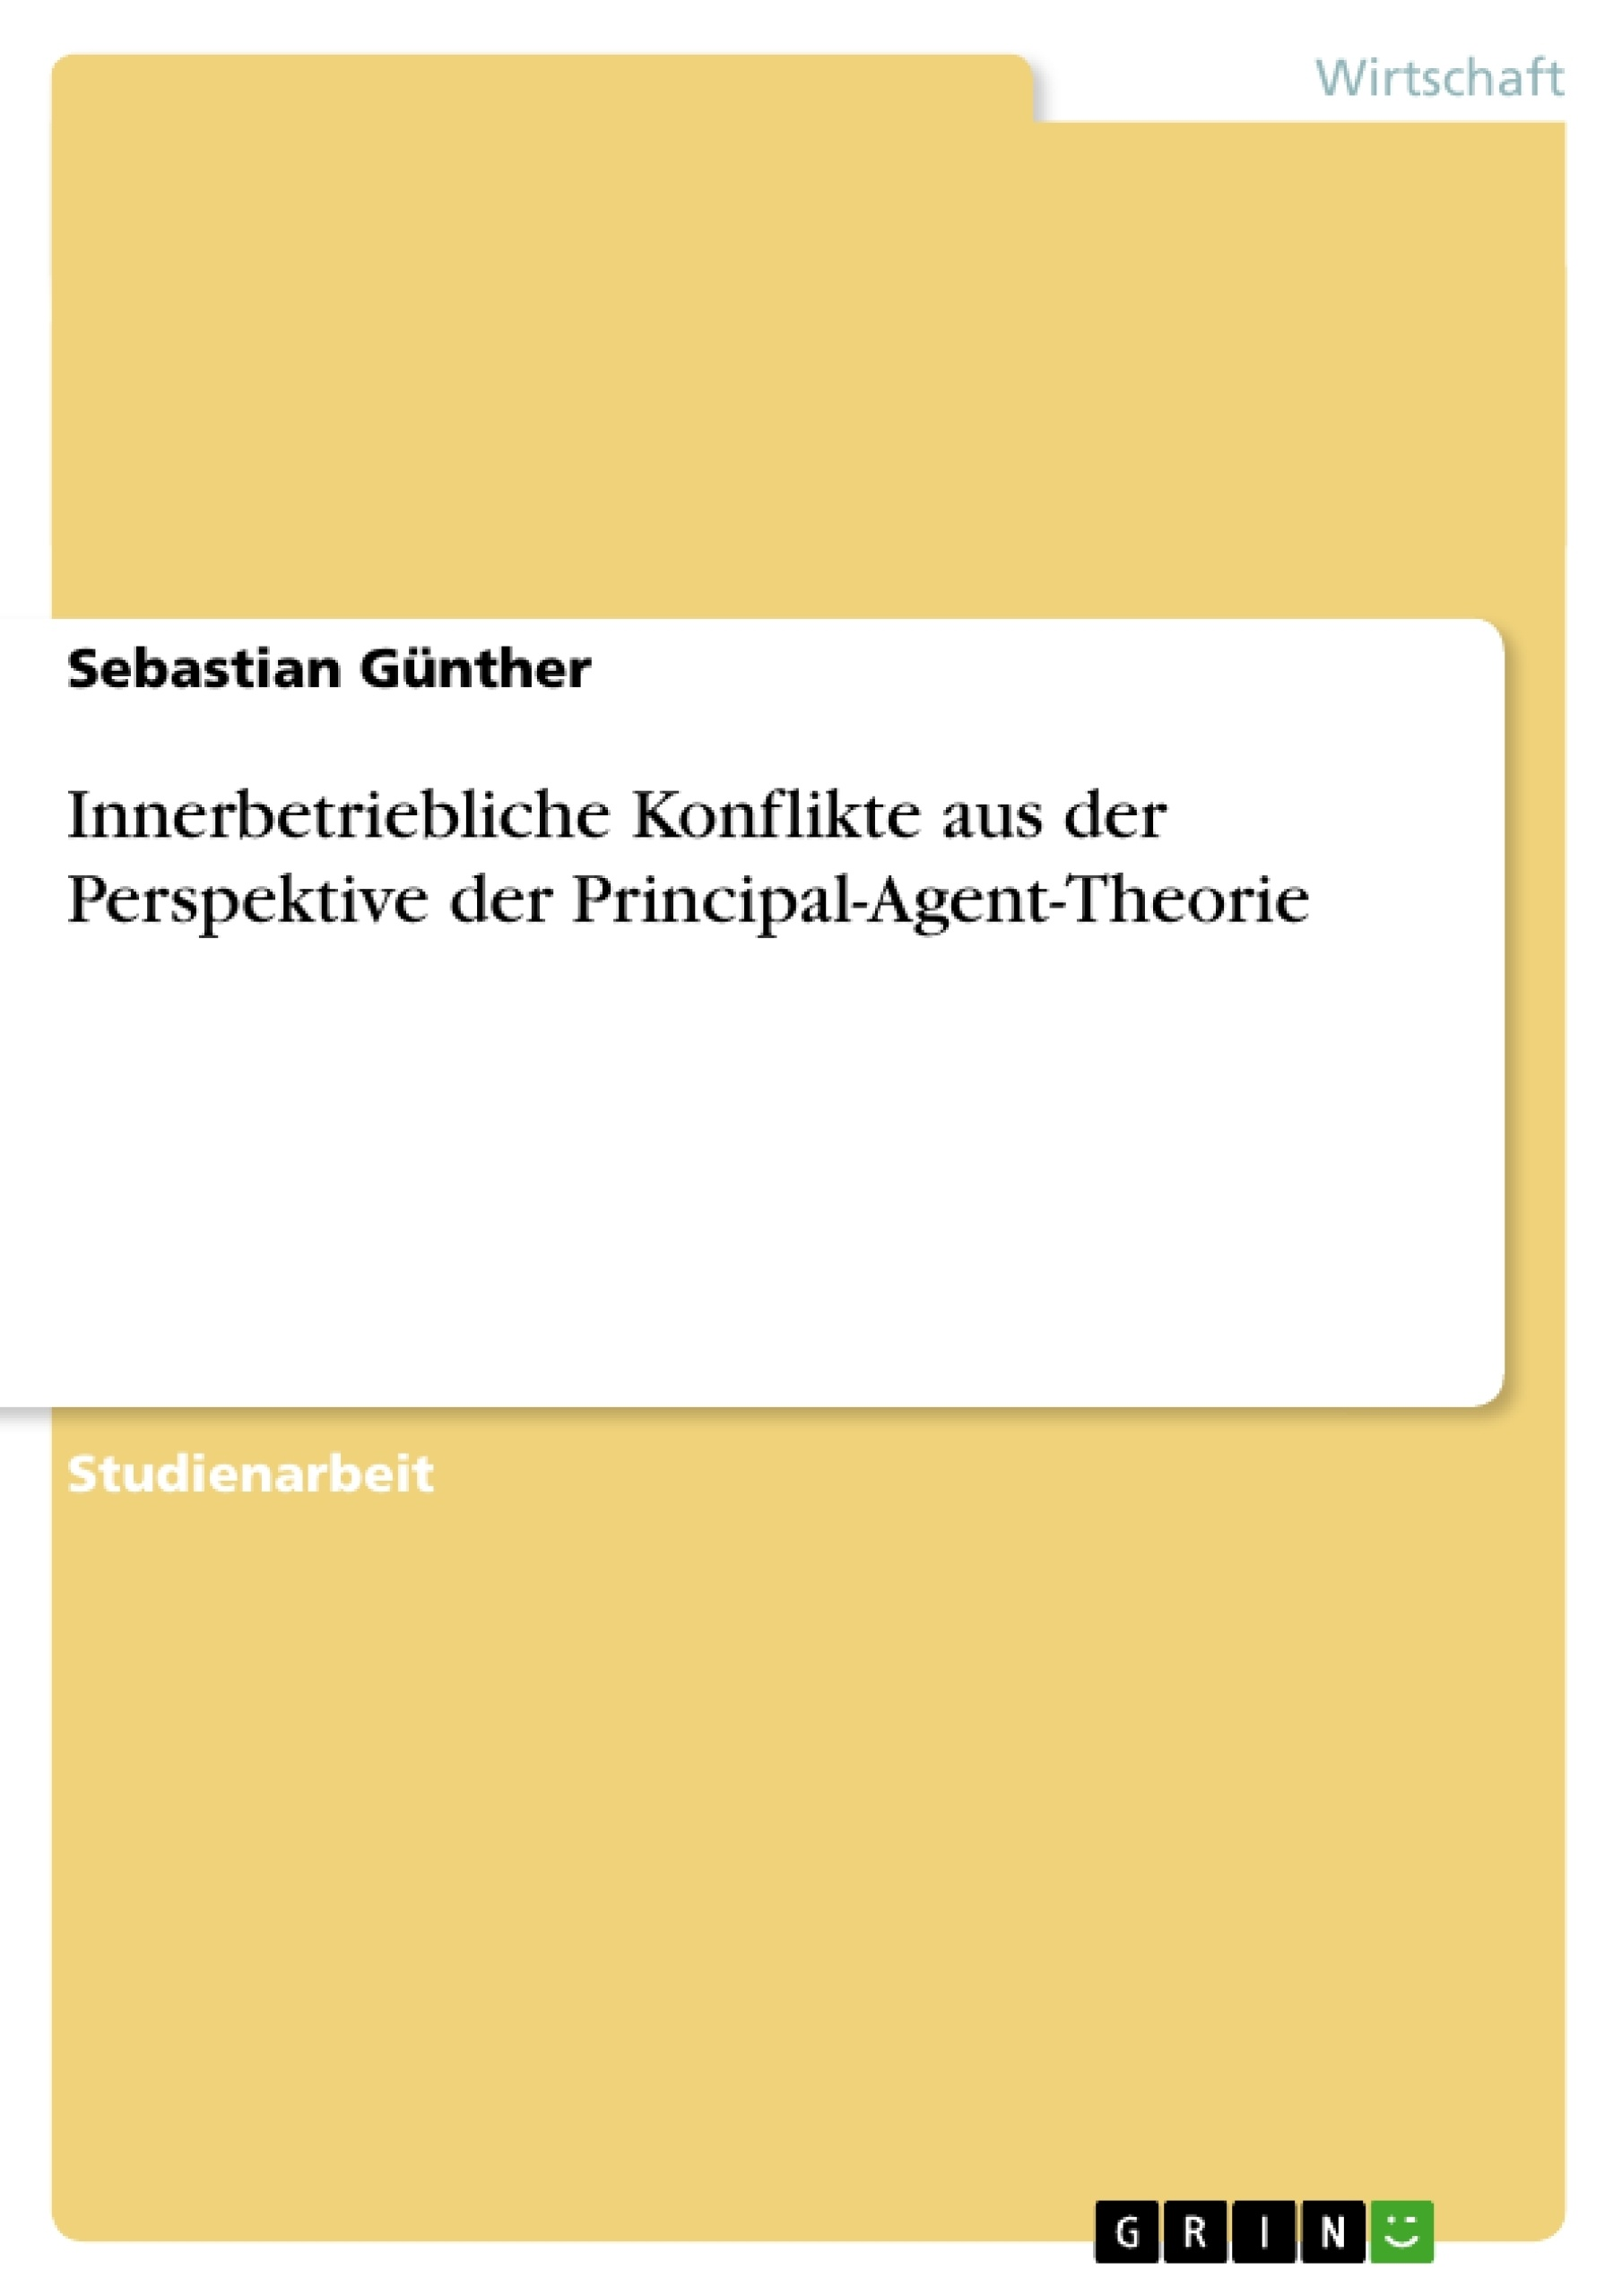 Titel: Innerbetriebliche Konflikte aus der Perspektive der Principal-Agent-Theorie